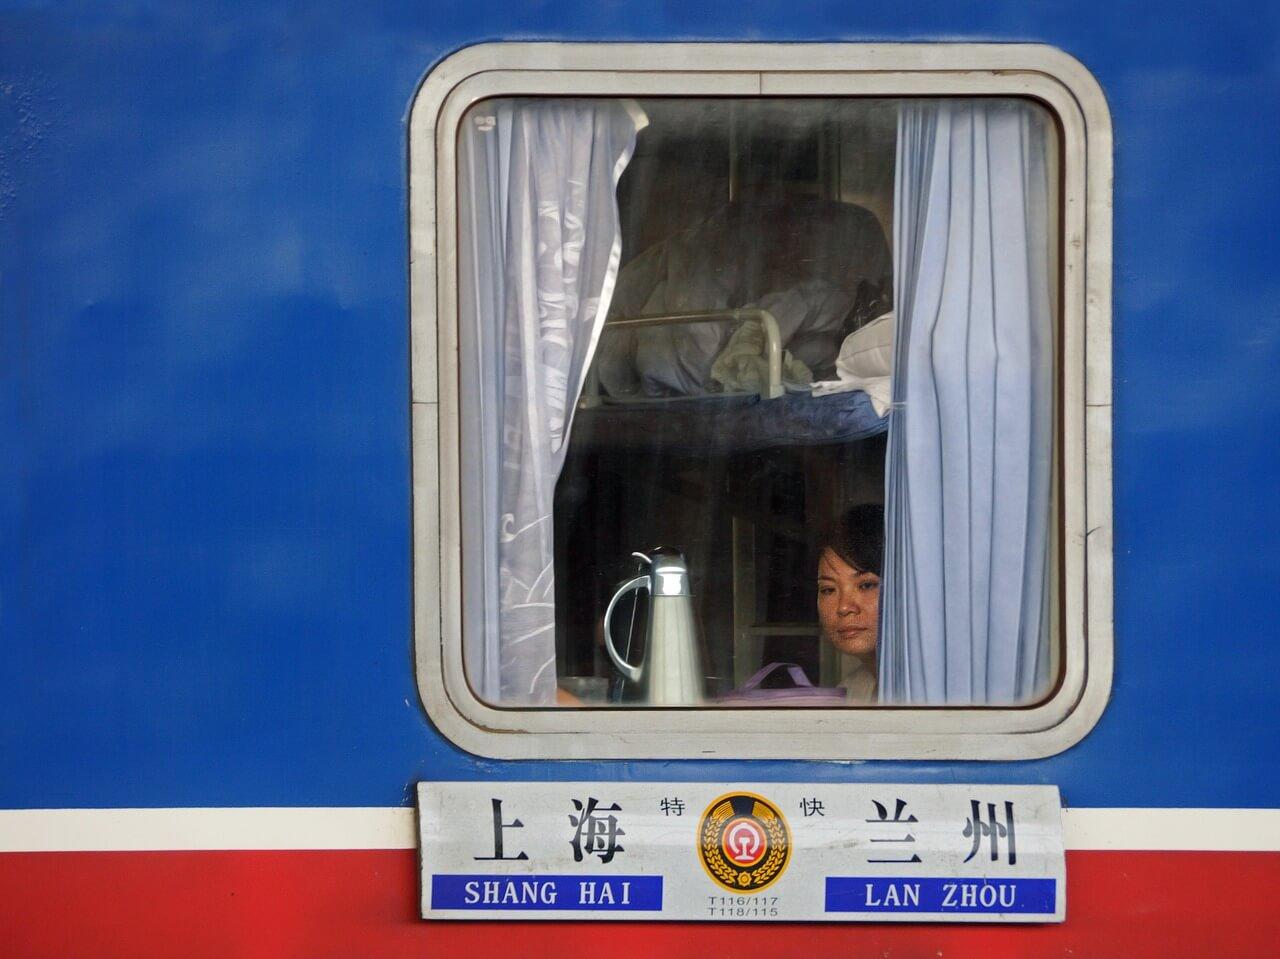 Zugfenster eines chinesischen Hard-Sleeper-Abteils